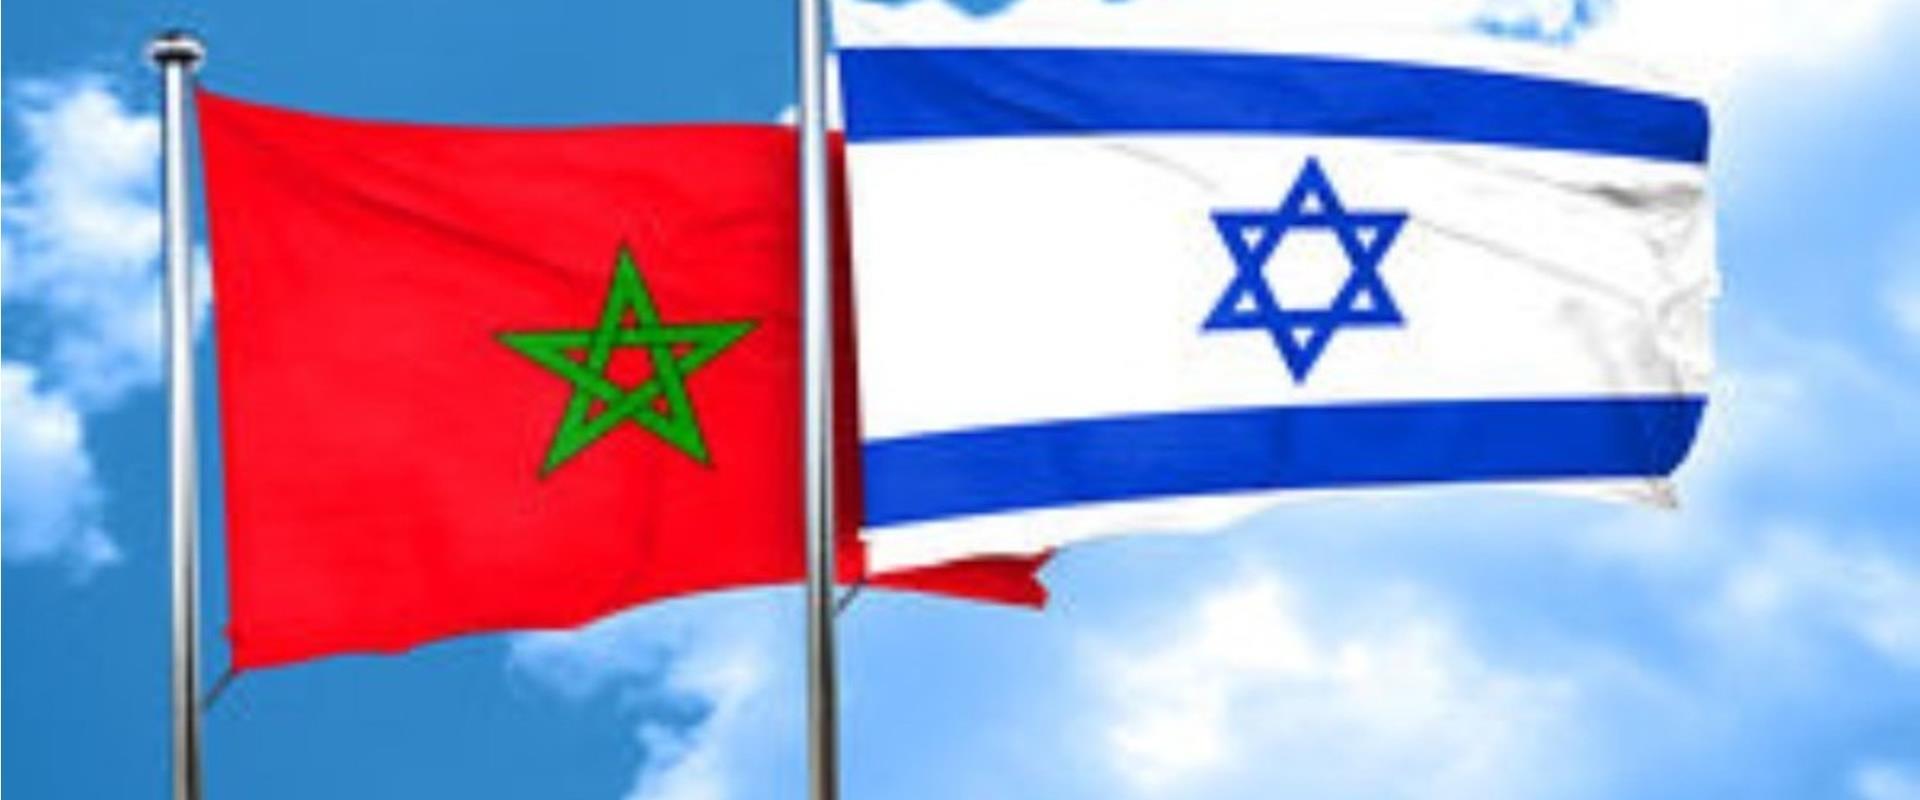 علما المغرب واسرائيل